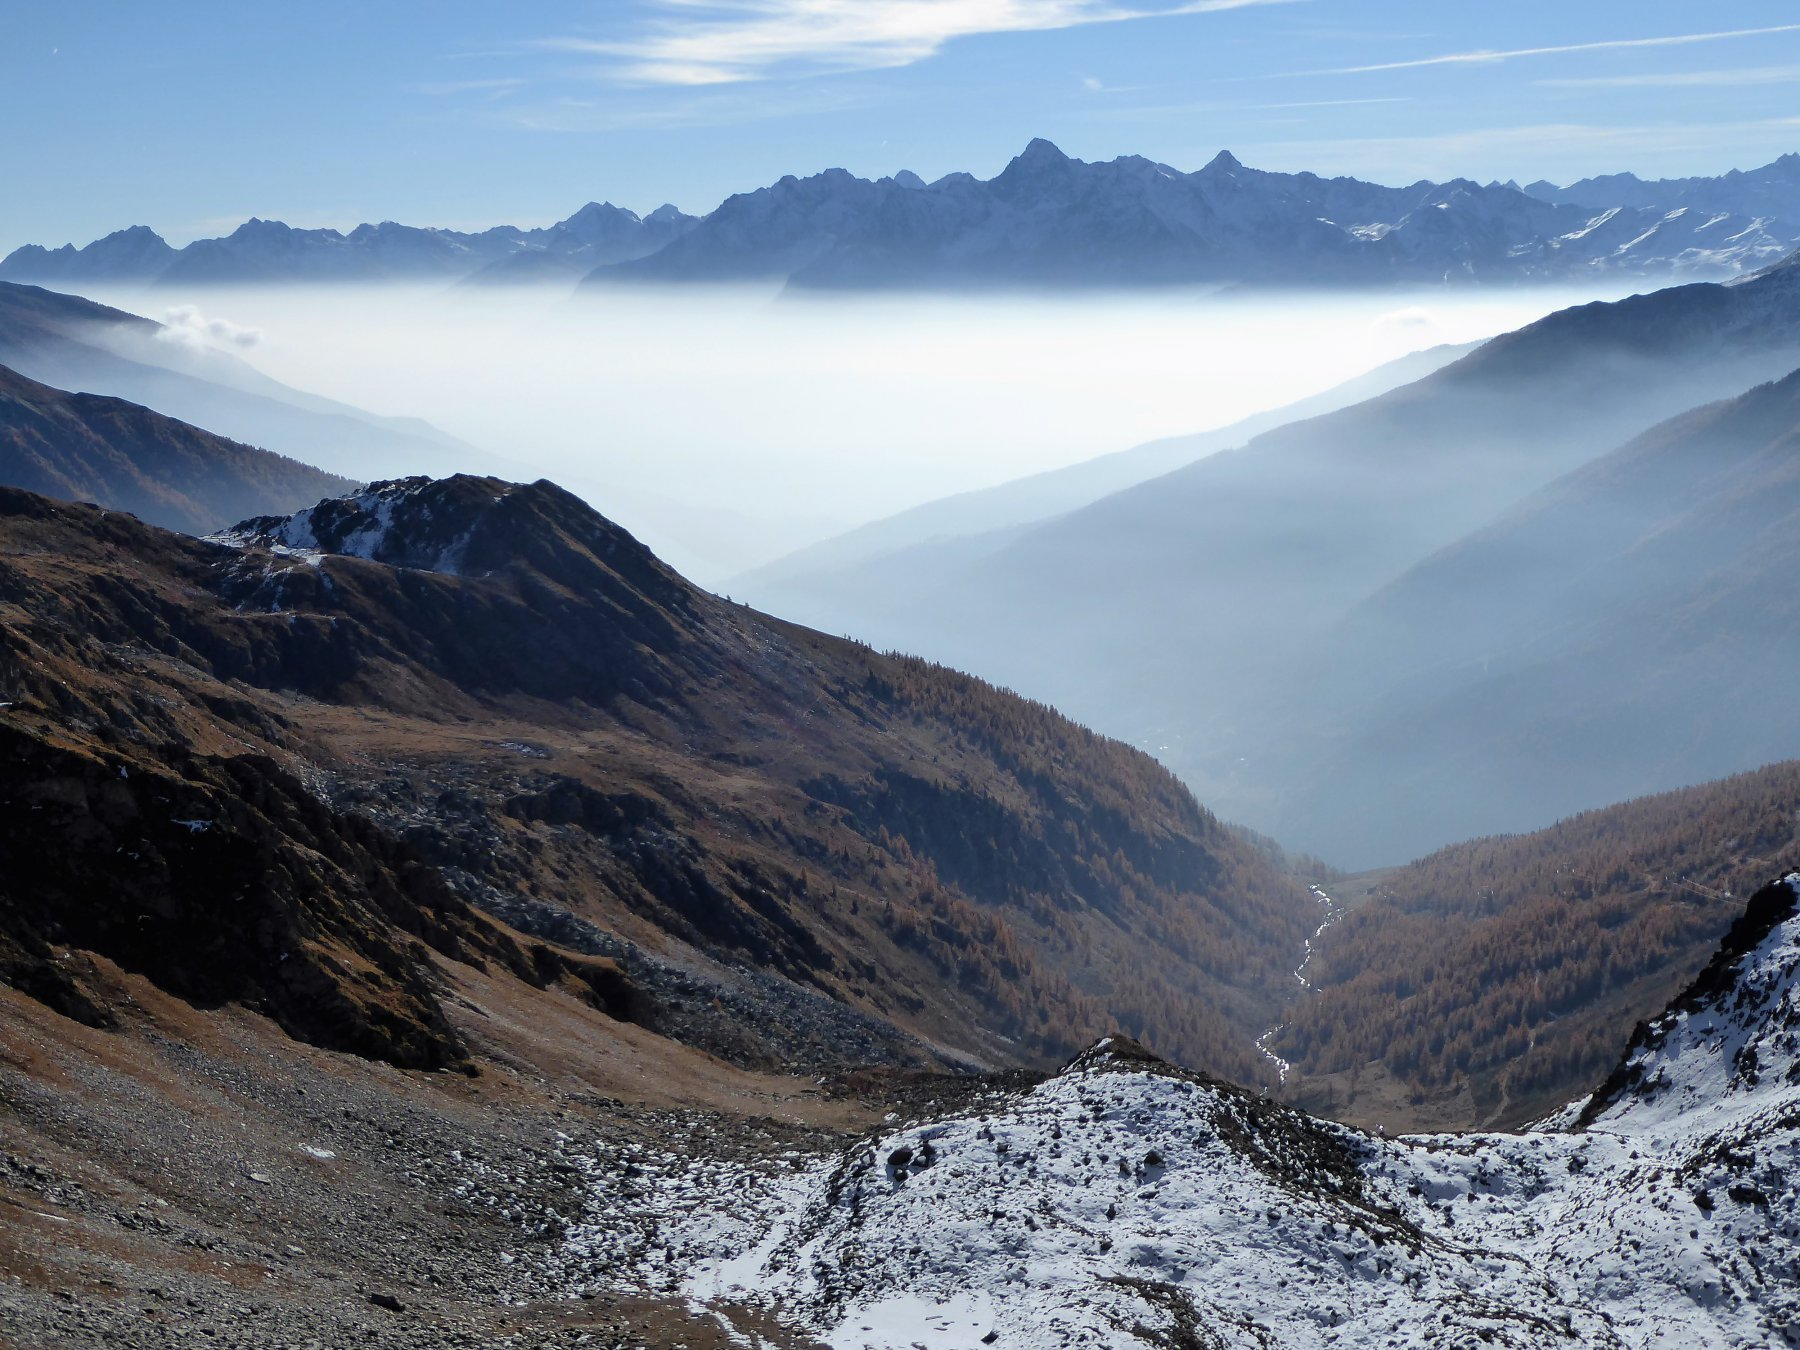 Dal colle est di Barasson uno sguardo verso valle